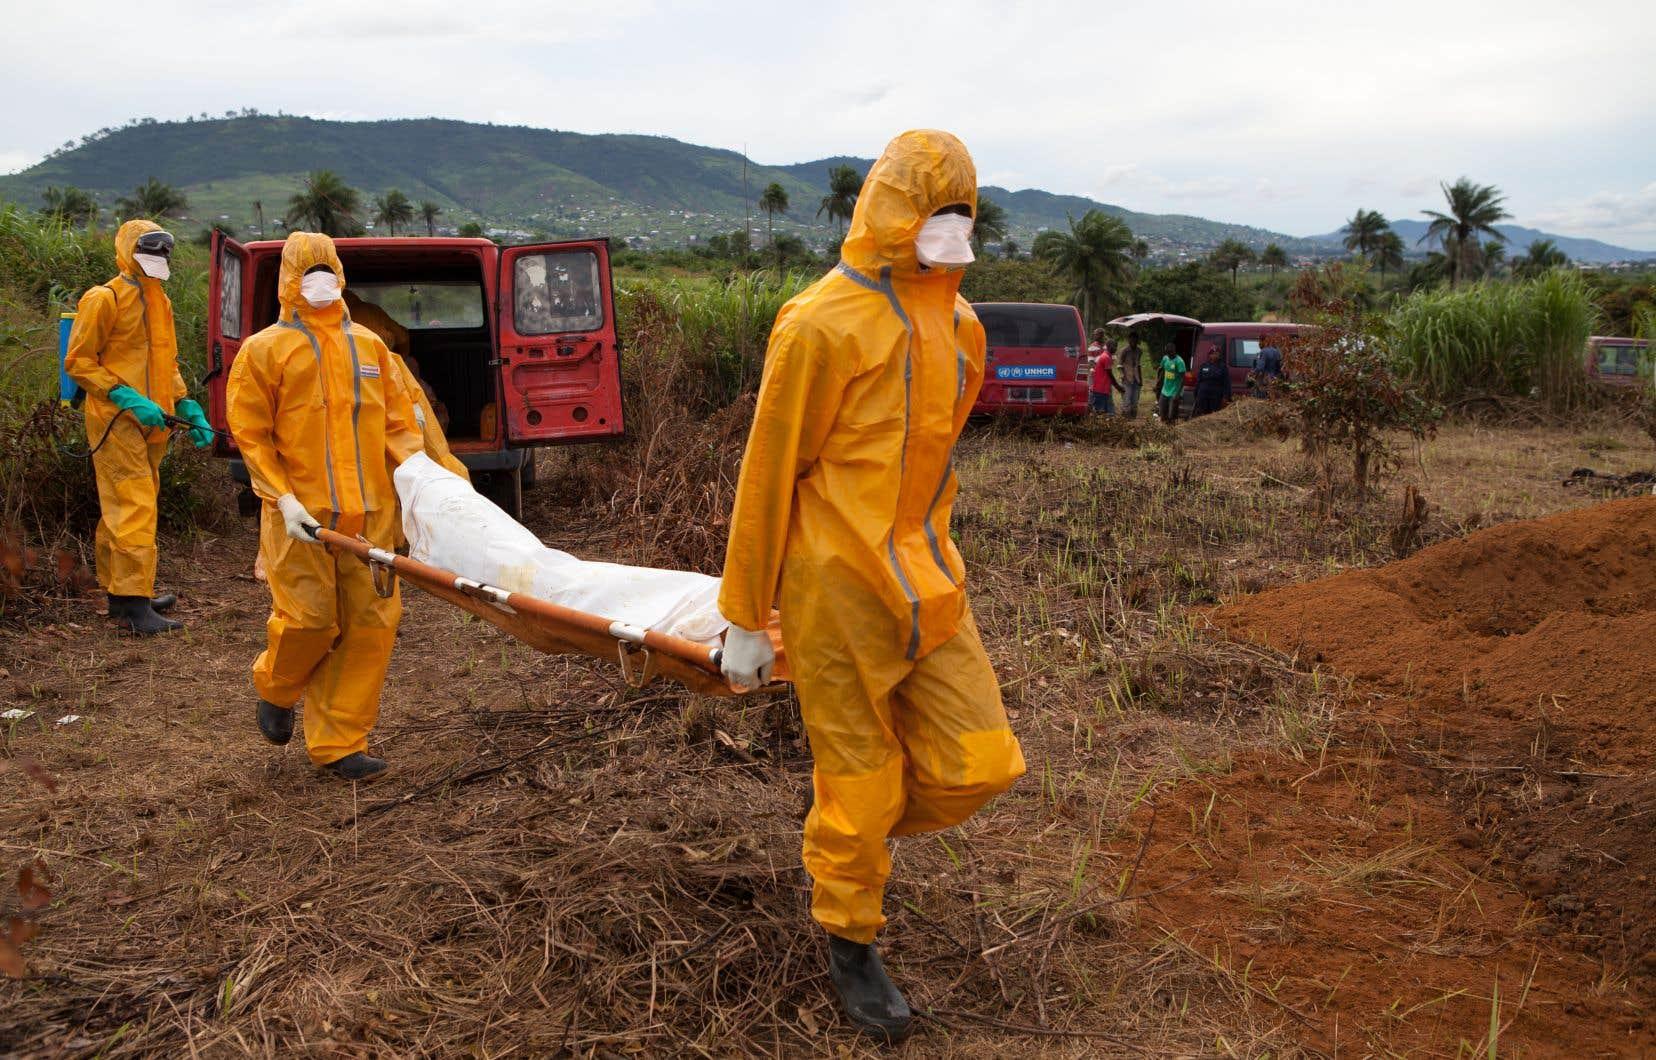 Un vaccin expérimental a déjà été mis au point à la suite de l'épidémie d'Ebola qui a frappé l'Afrique de l'Ouest entre fin 2013 et 2016, notamment en Sierra Leone.